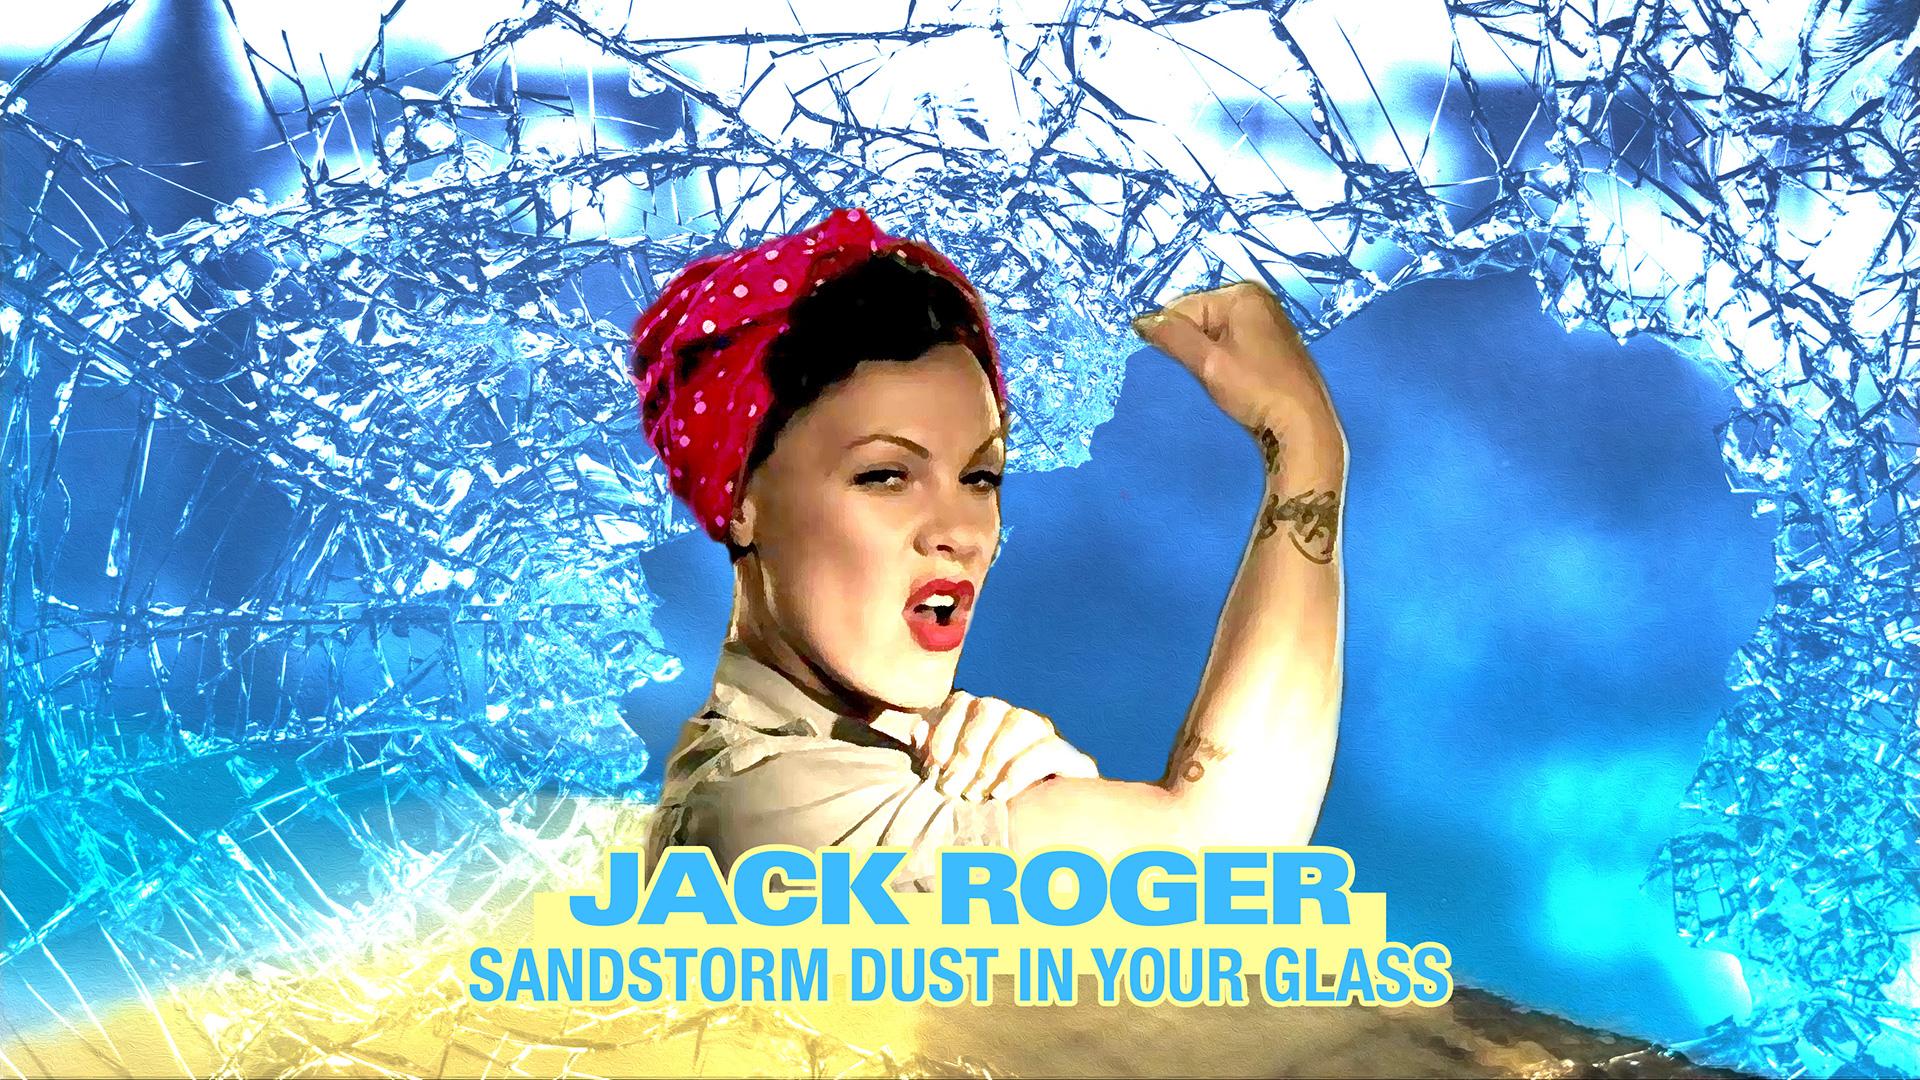 07-Sandstorm-Dust-In-Your-Glass-widescreen